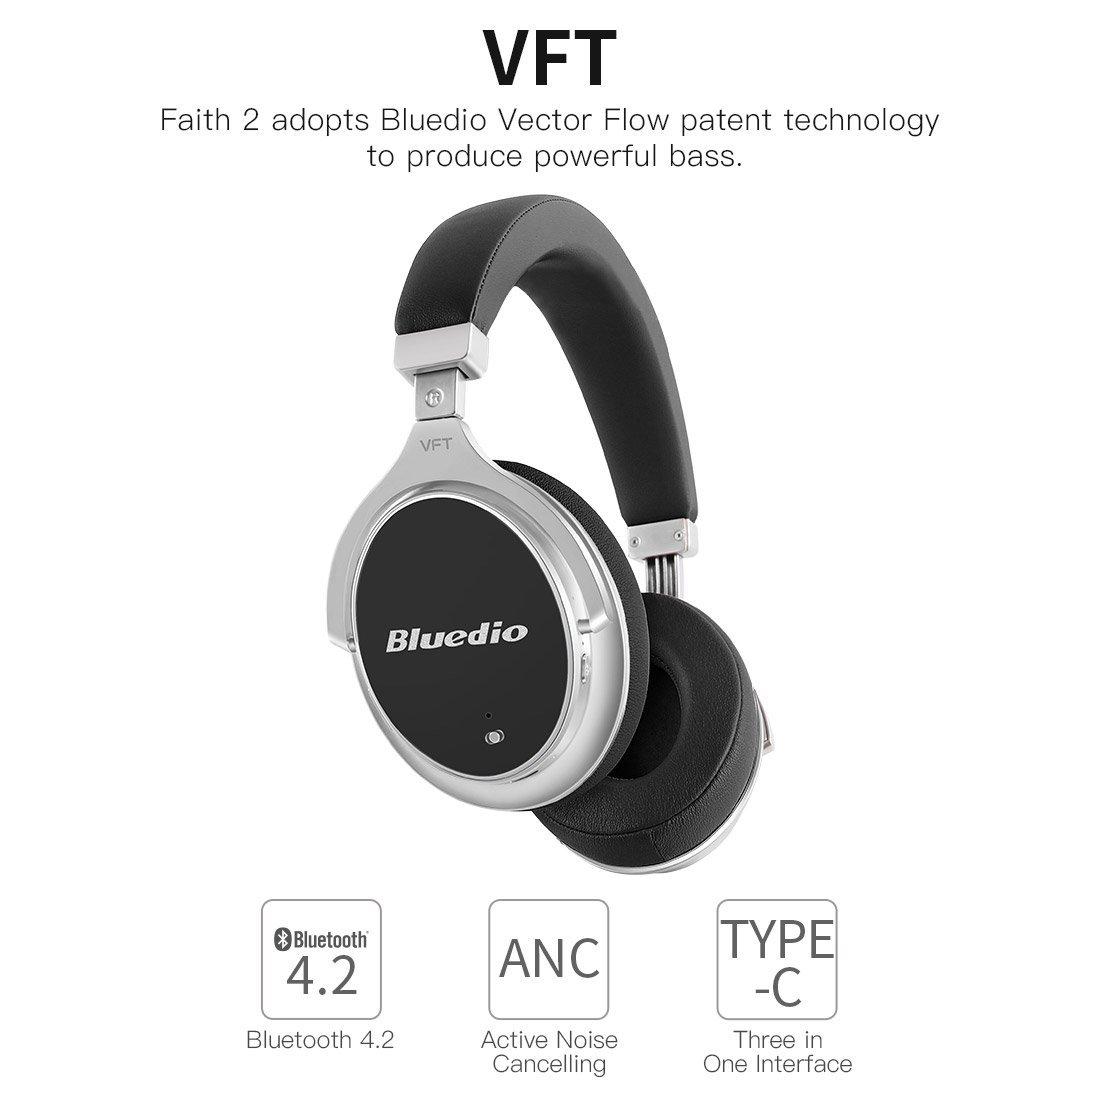 d0792a113d0 Este modelo viene actualizado a las últimas tecnologías, por ello cuenta  con la tecnología inalámbrica Bluetooth 4.2 que ofrece un menor consumo  energético ...